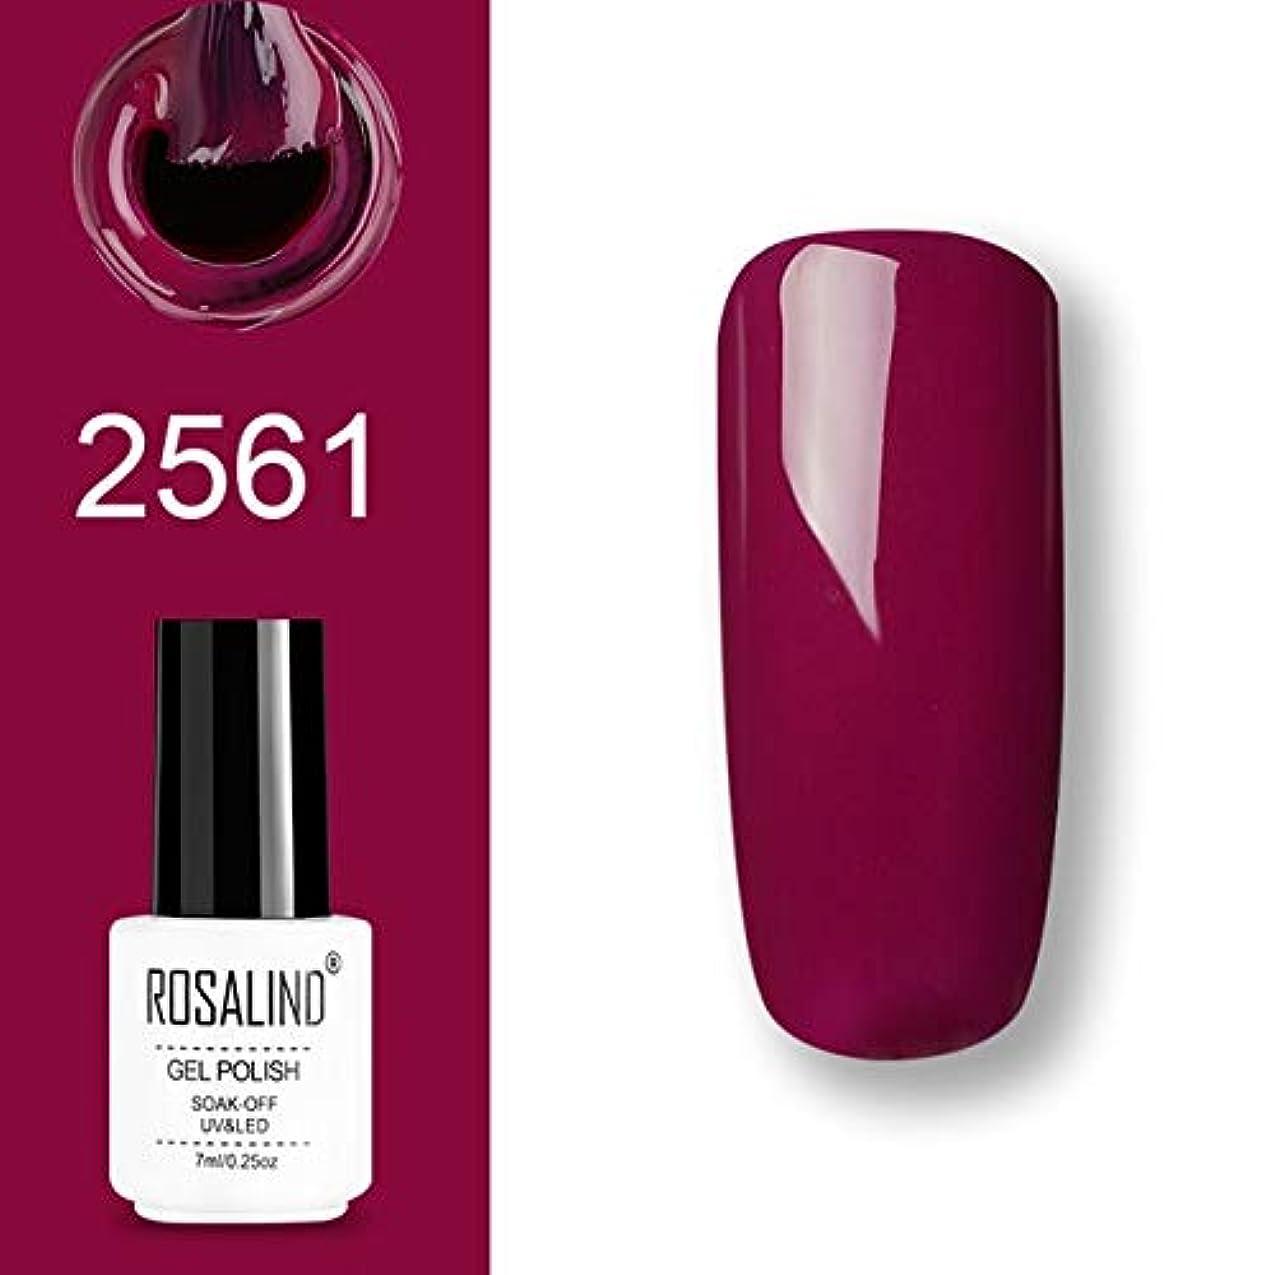 ファッションアイテム ROSALINDジェルポリッシュセットUVセミパーマネントプライマートップコートポリジェルニスネイルアートマニキュアジェル、容量:7ml 2561。 環境に優しいマニキュア